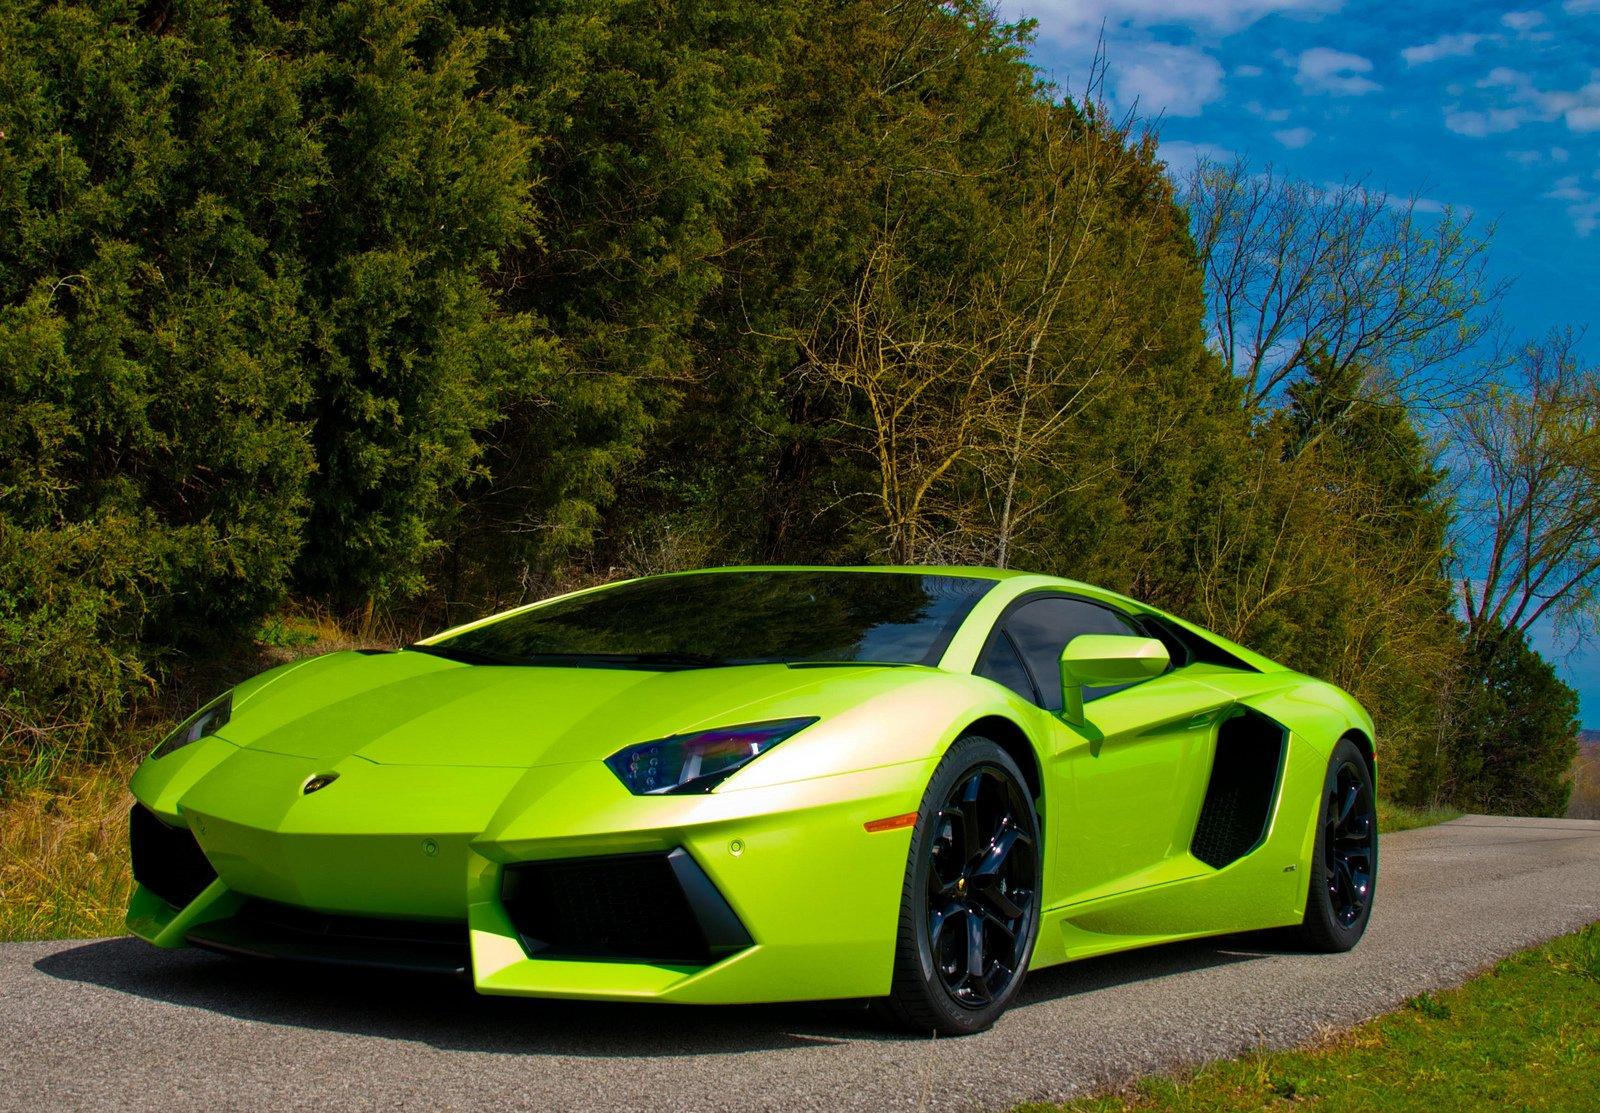 Aventador green Lamborghini lp700 supercars italian cars ...